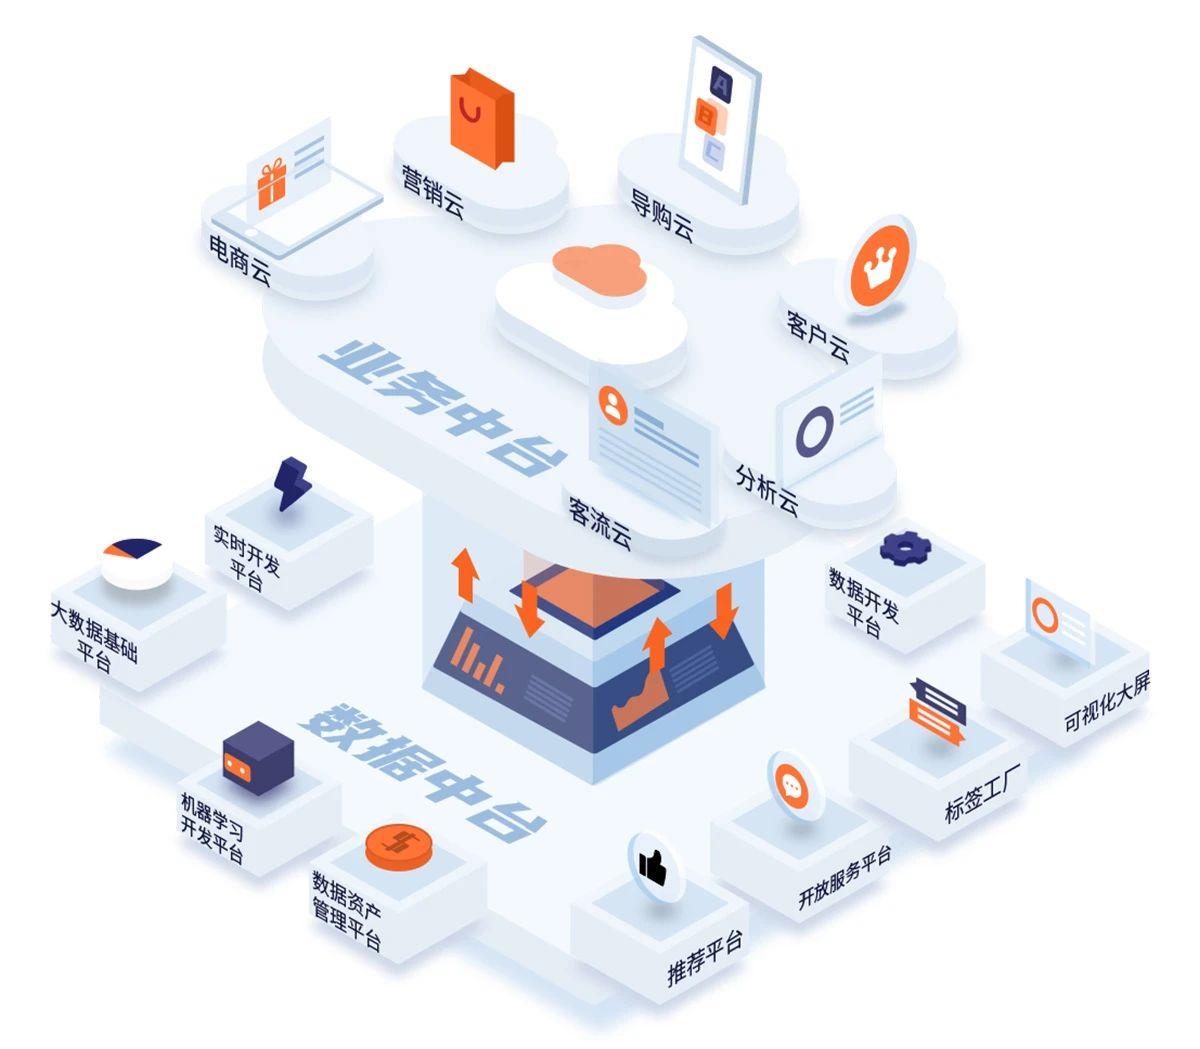 【ToB快讯】WakeData完成1000万美元B轮融资,红点中国、红杉中国领投